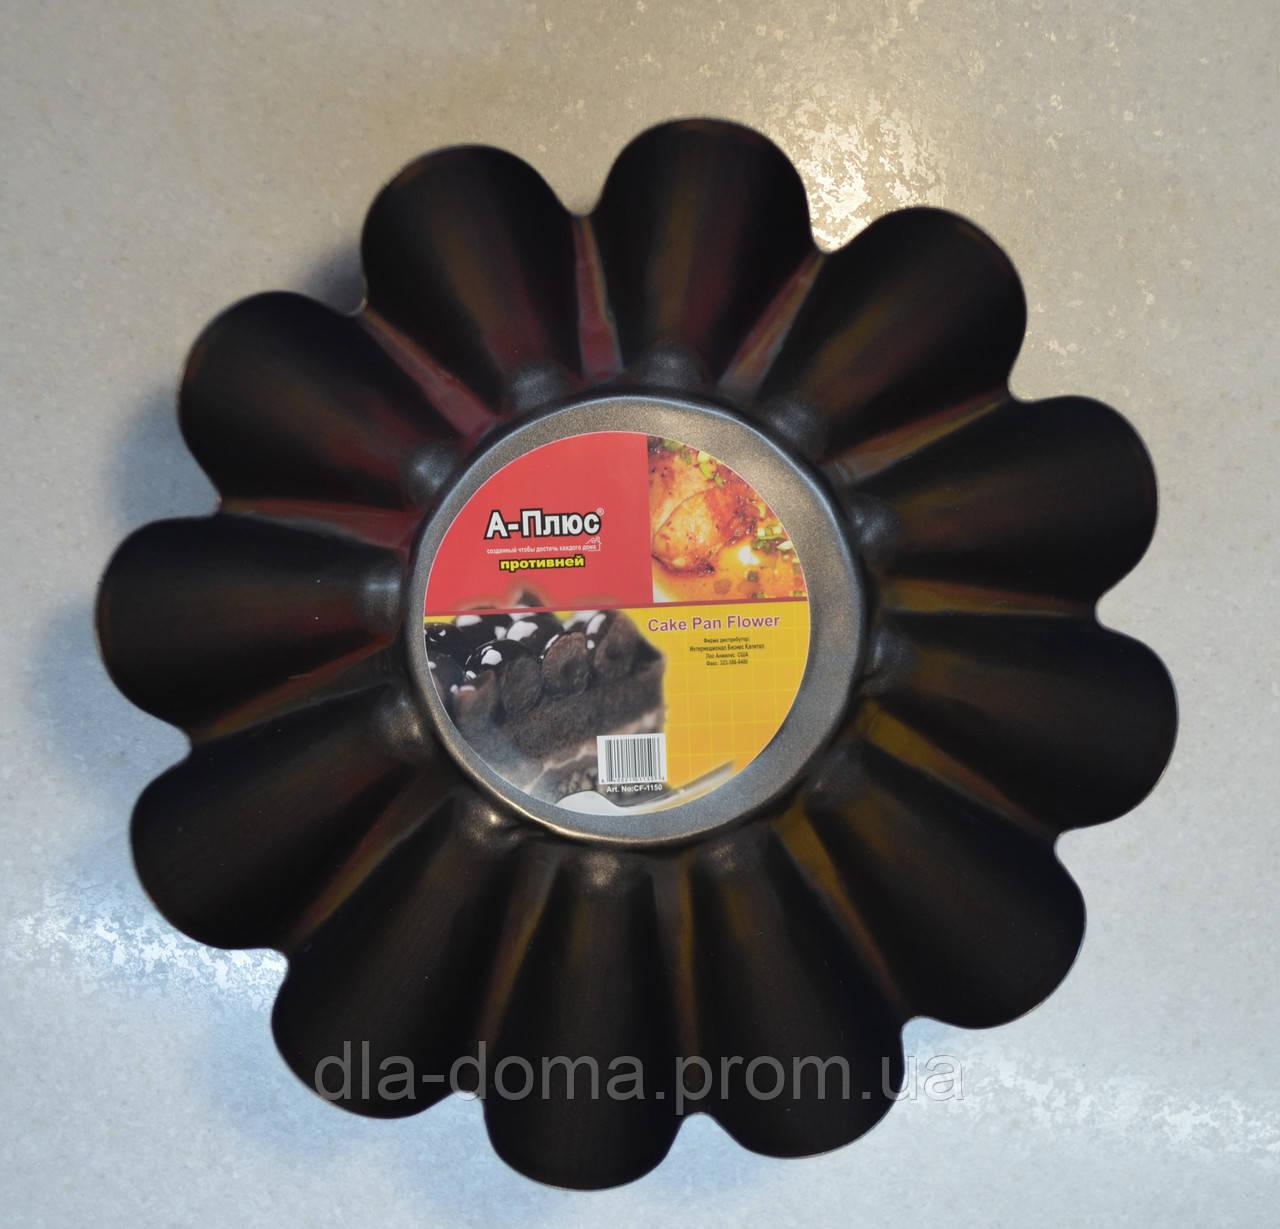 Форма для выпекания маталлическая с антипригарным покрытием